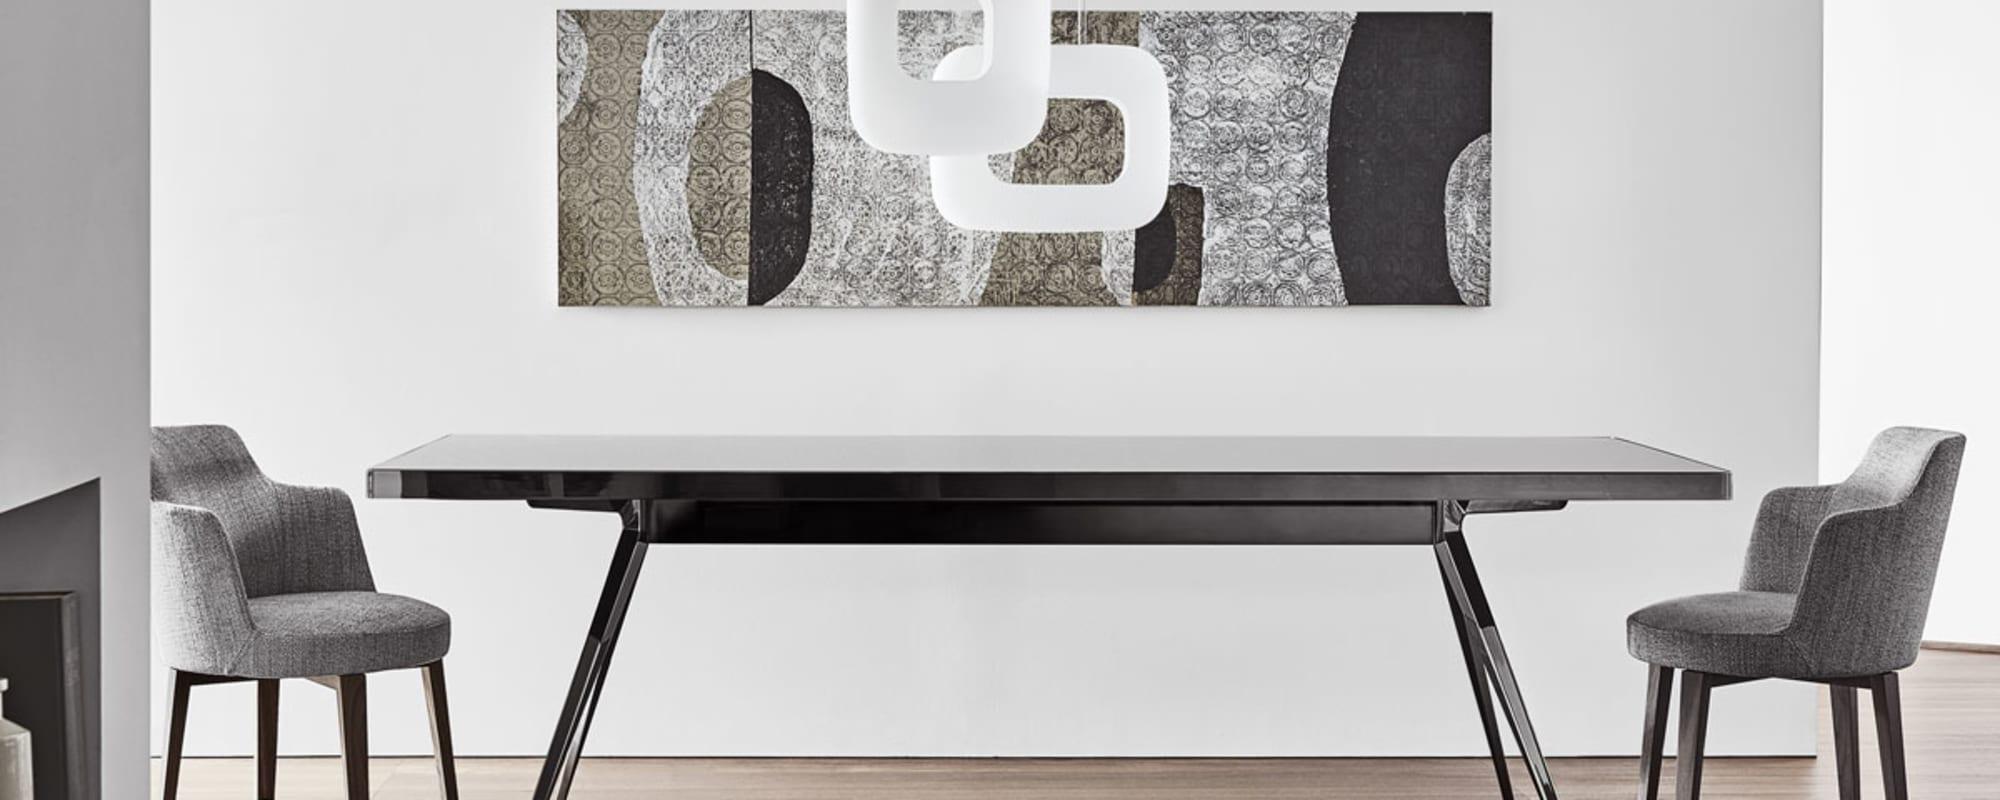 Antonio Citterio und Flexform zeigen, wie gutes Design funktioniert